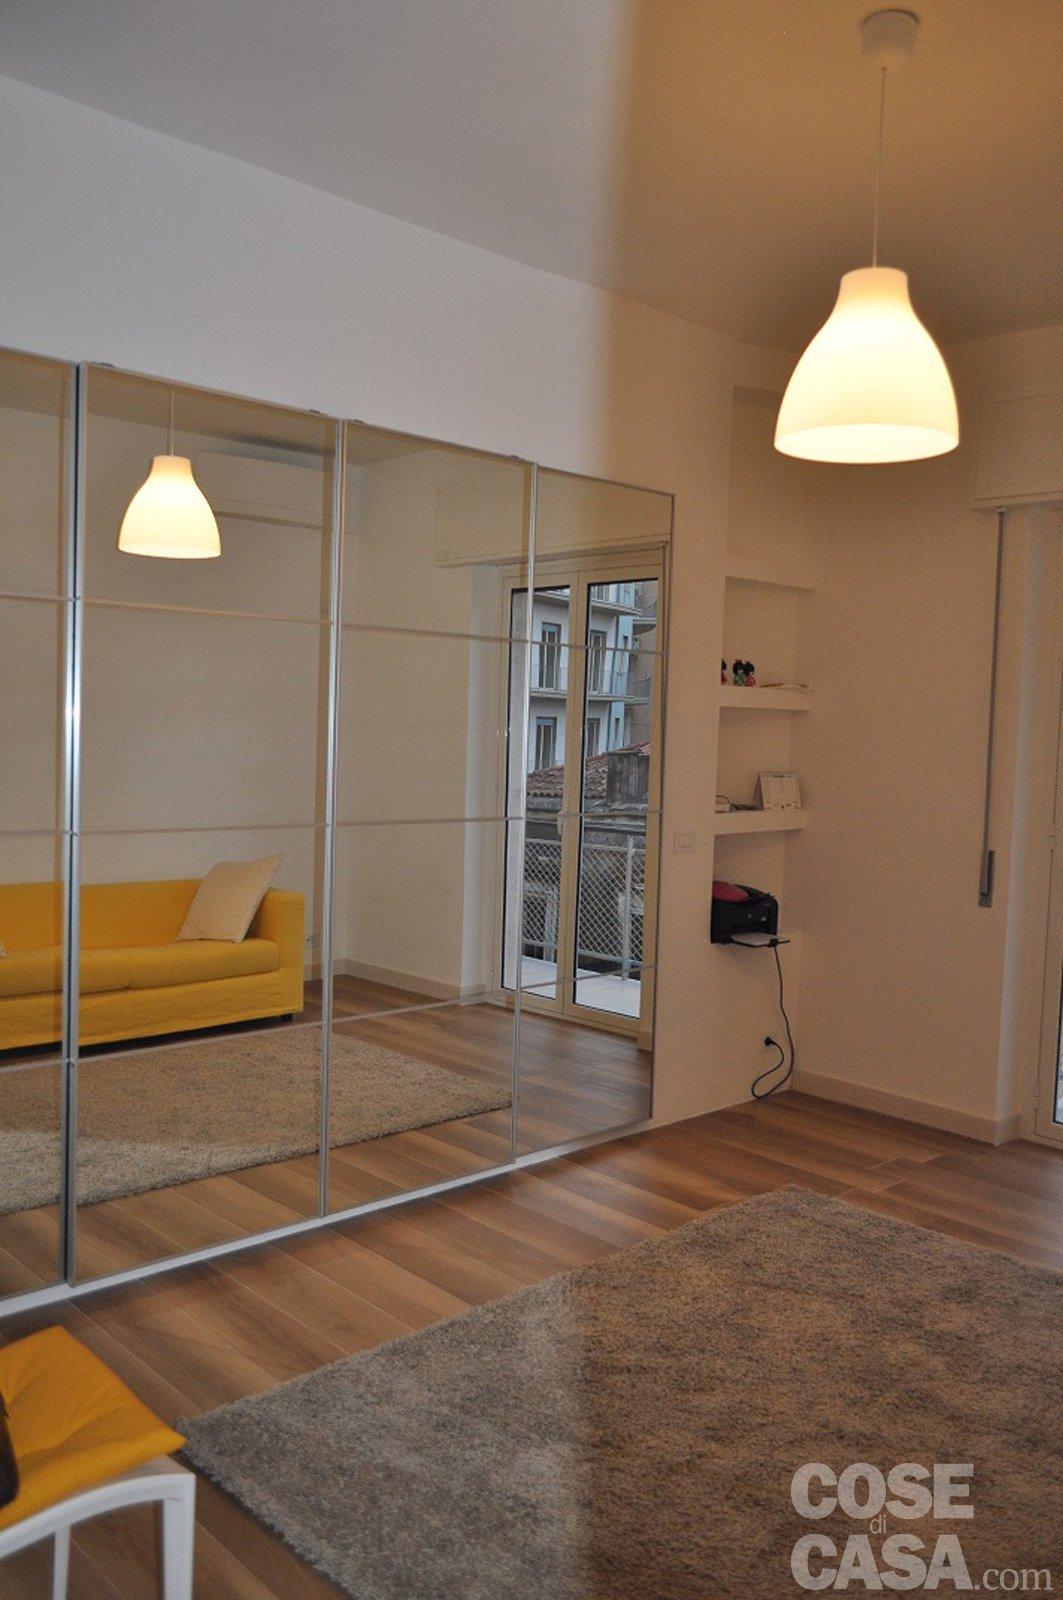 Casabook immobiliare 90 mq una casa da vivere in relax for Casa da vivere